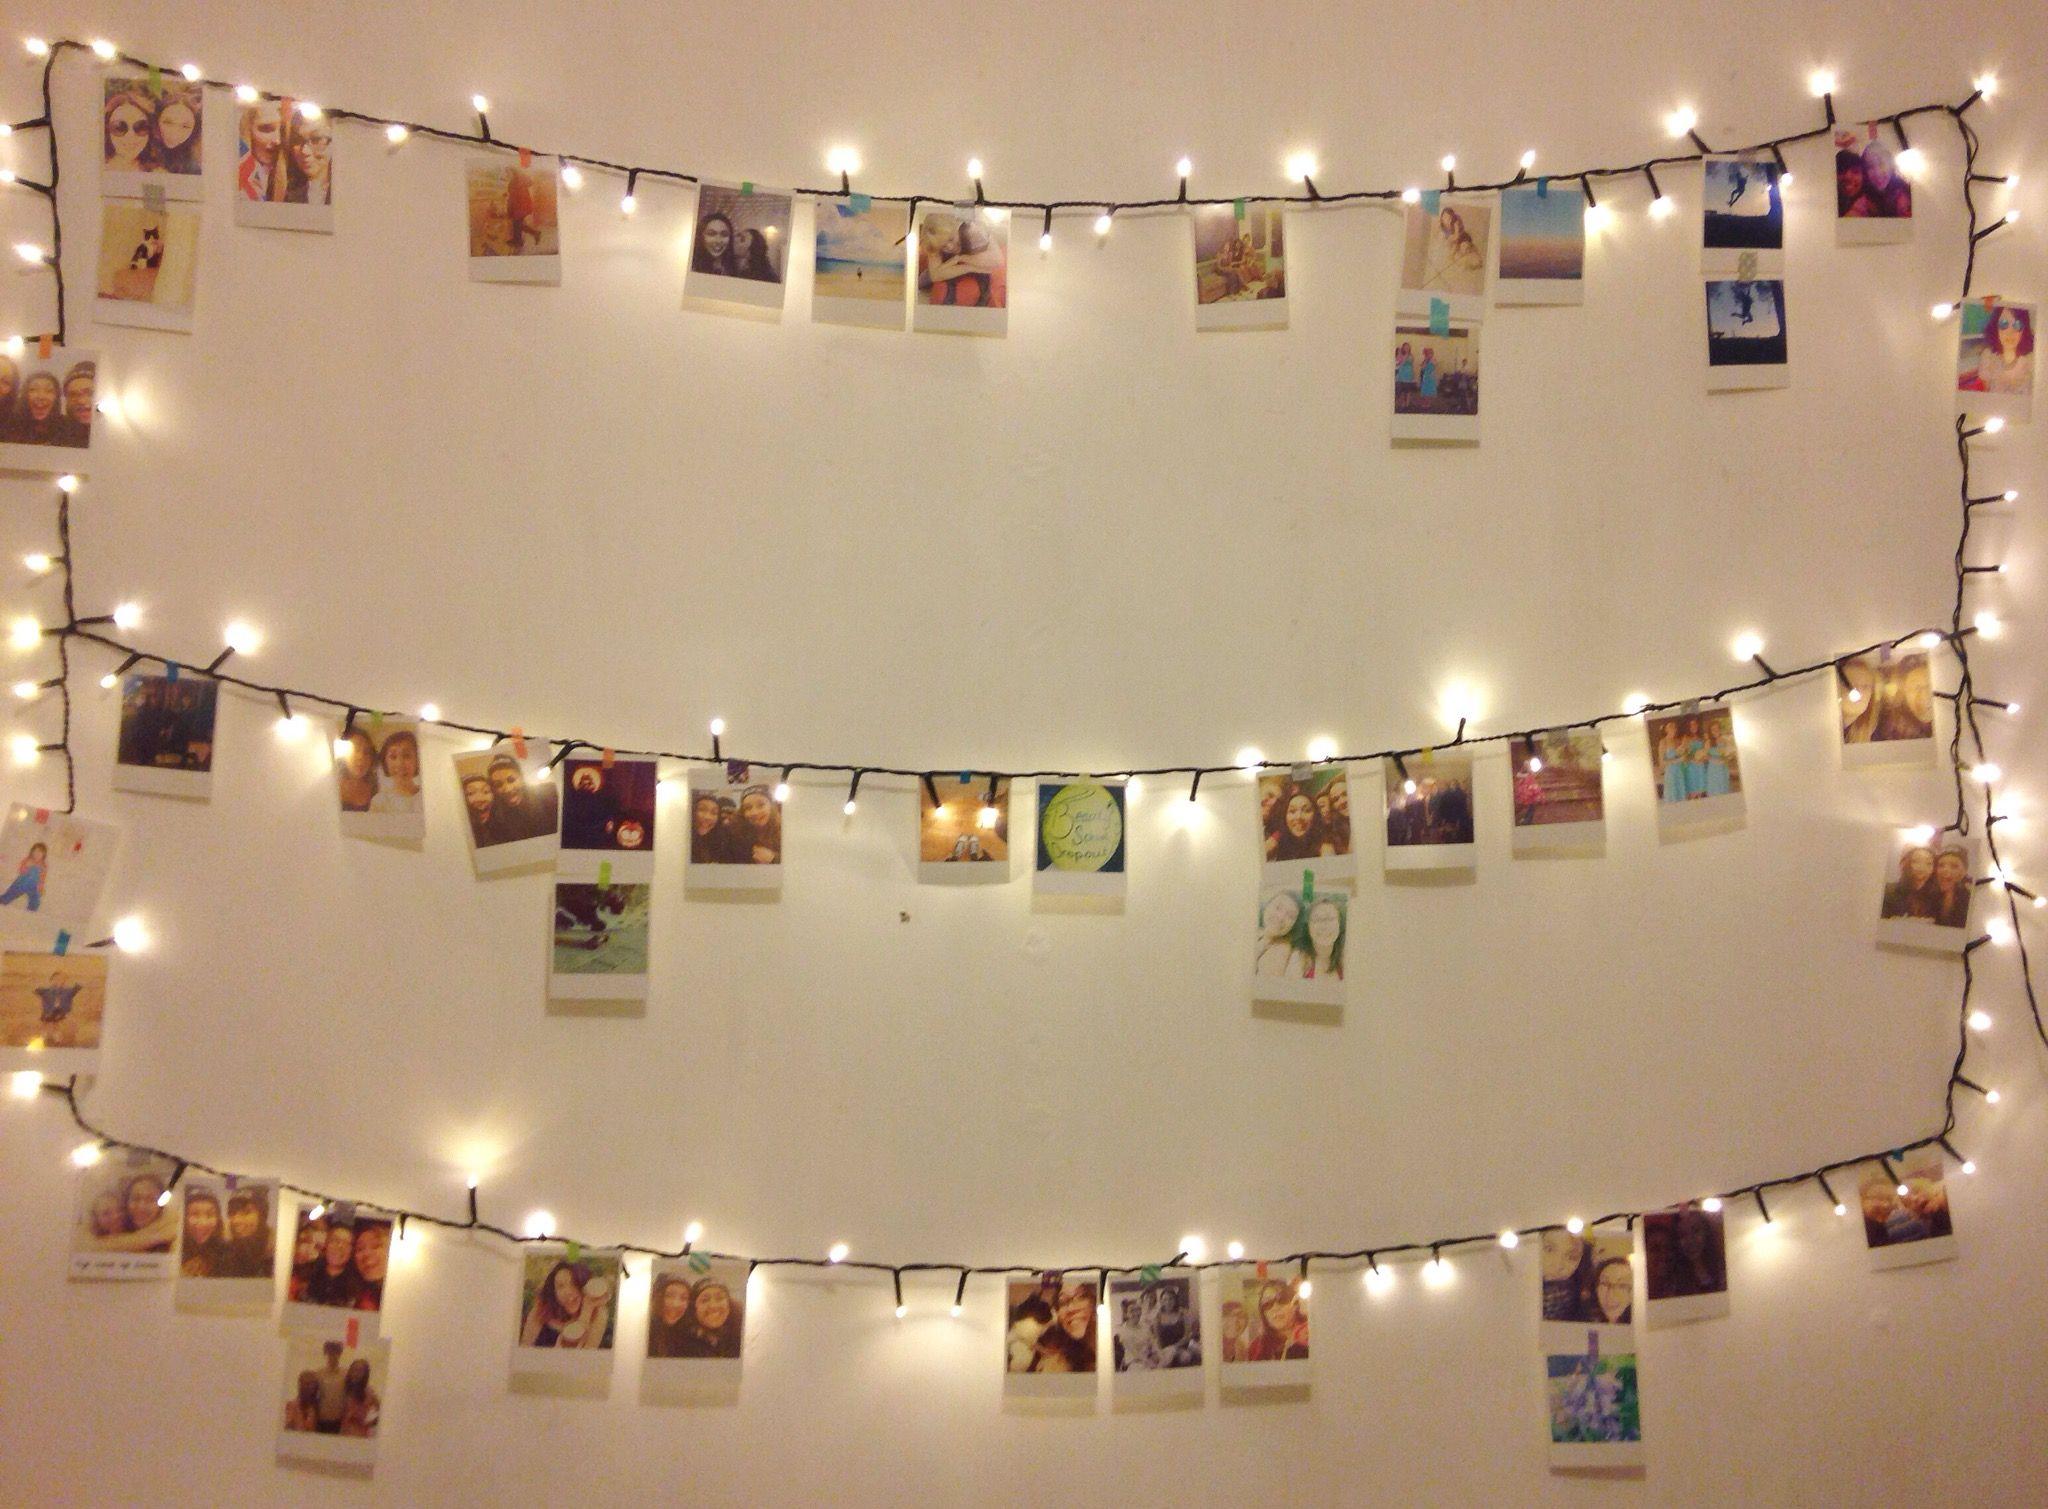 Polaroid Wall Diy Funky Home Decor Fairy Lights Photos Cafe Display